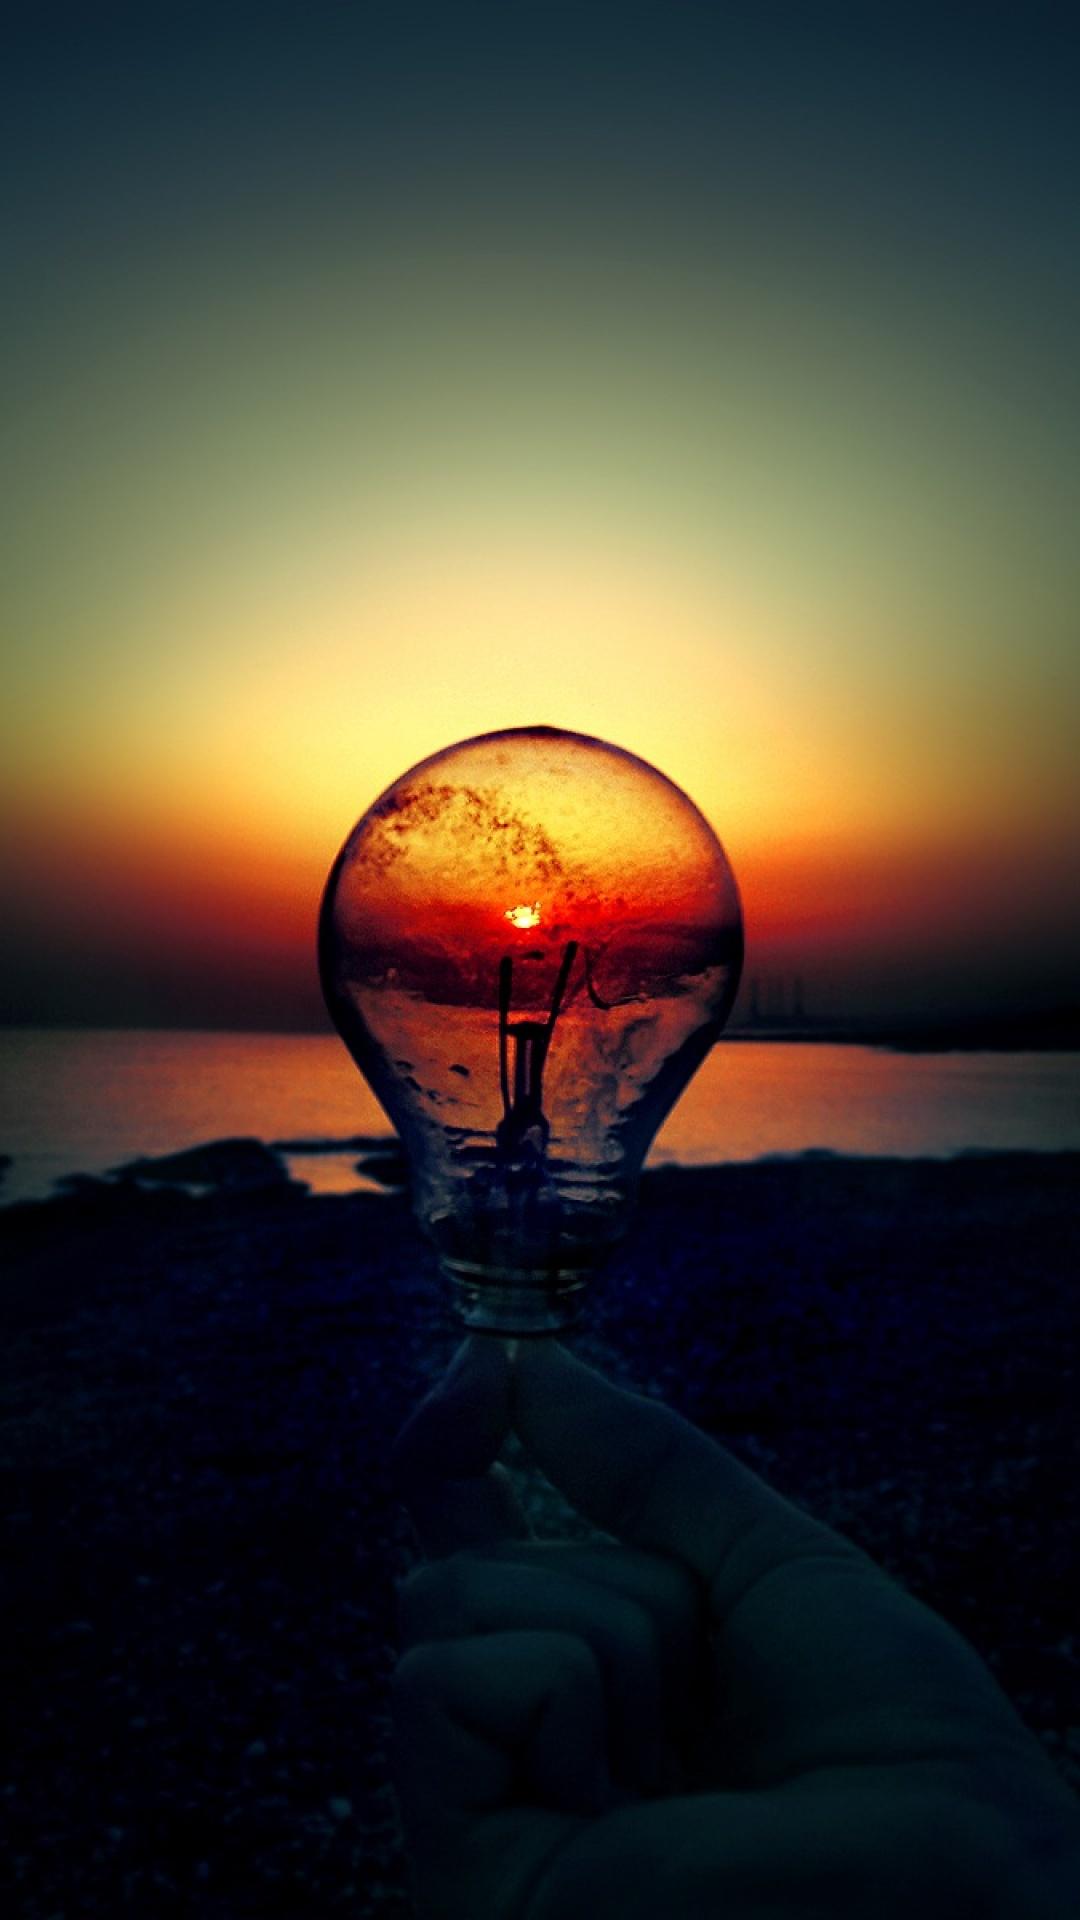 Light Bulb Art Iphone Wallpaper